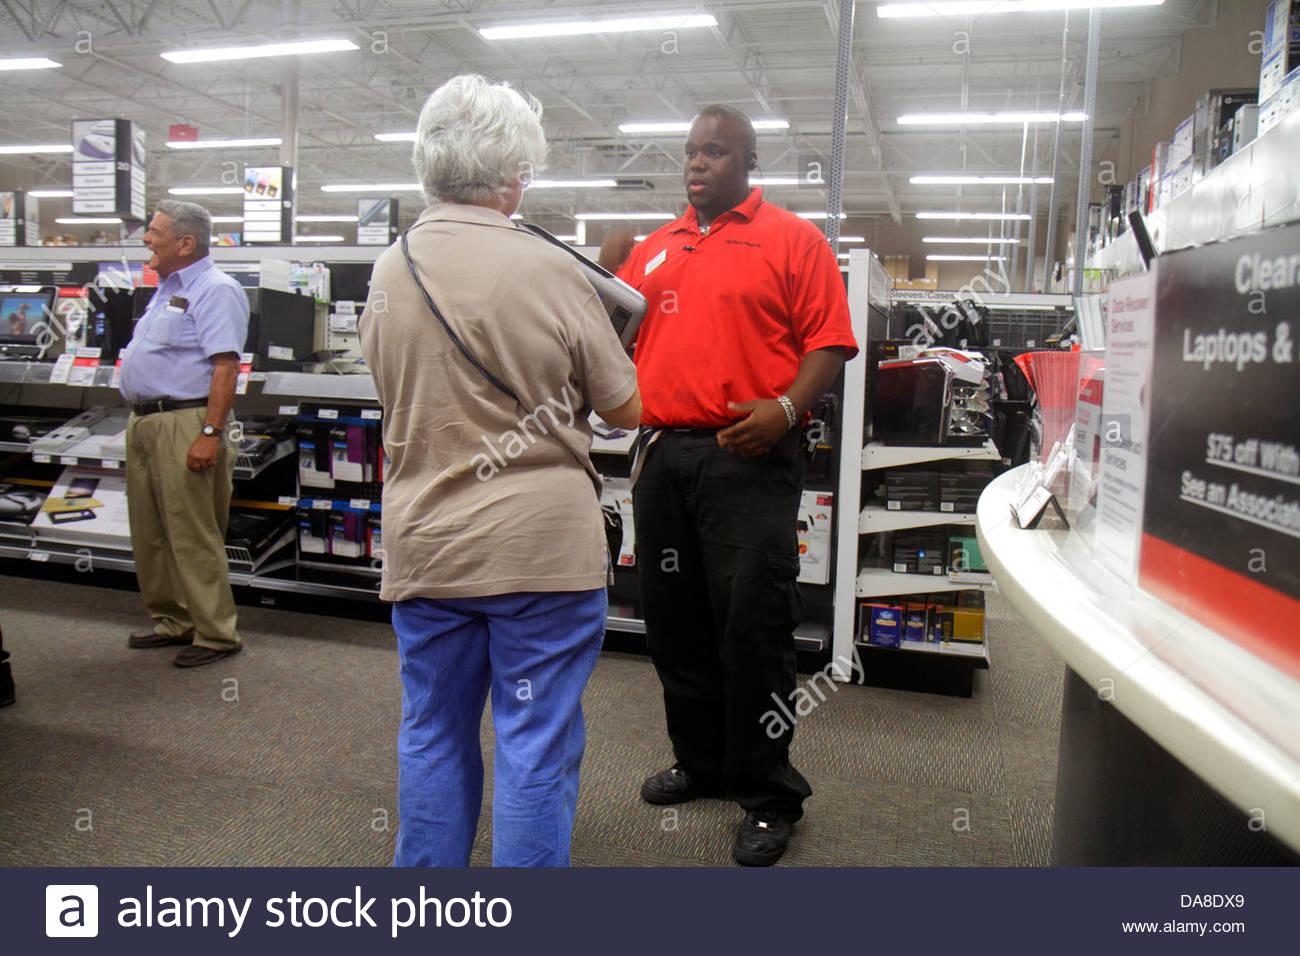 Merveilleux St. Saint Petersburg Florida Largo Office Depot Business Supplies Shopping  Black Man Employee Helping Senior Woman Customer